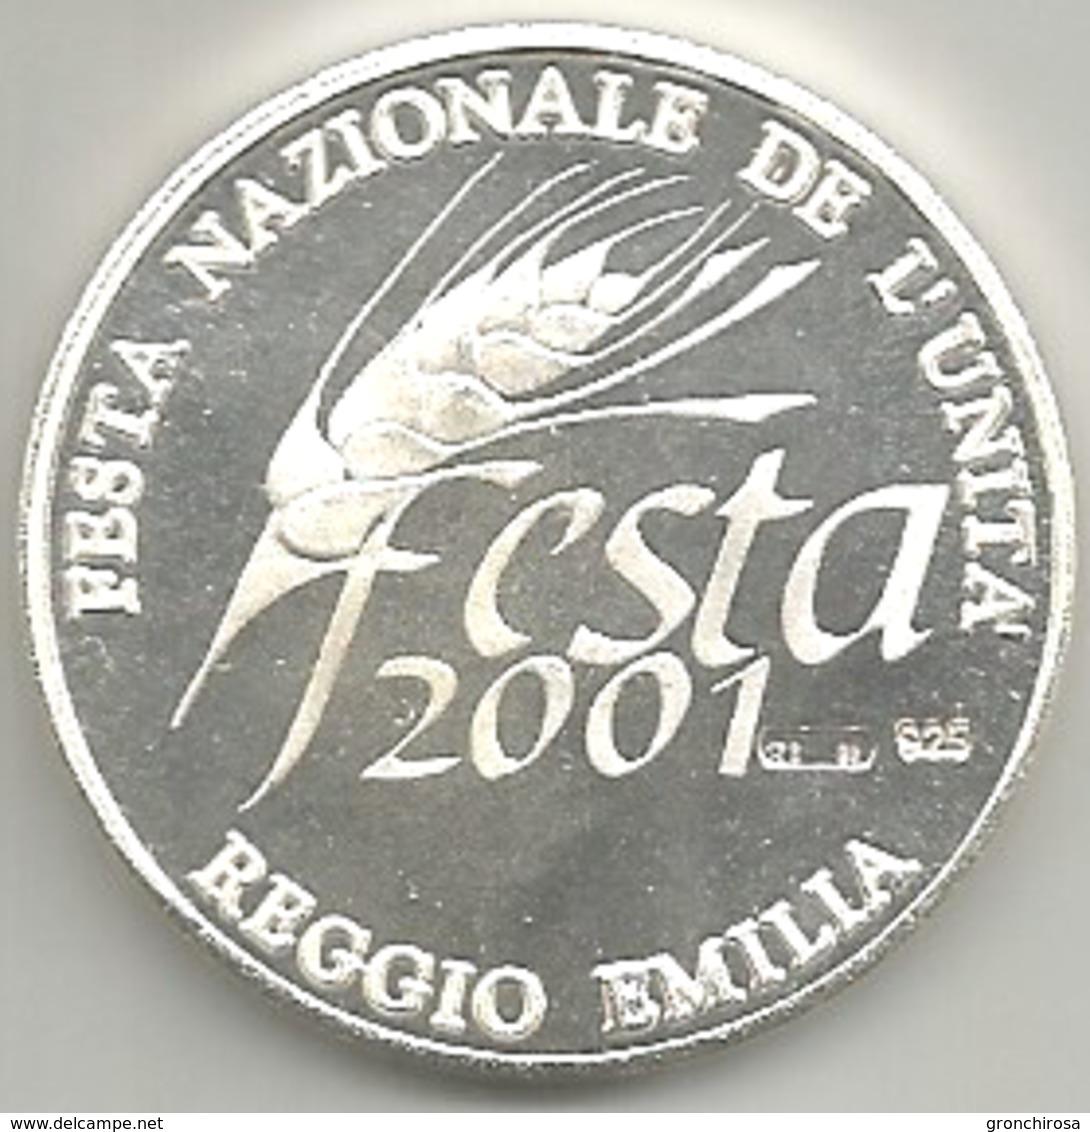 Reggio Emilia 2001 Festa Nazionale Dell'Unità, Altiero Spinelli, Ag.925 FS Gr. 21, Cm. 3,4. - Altri